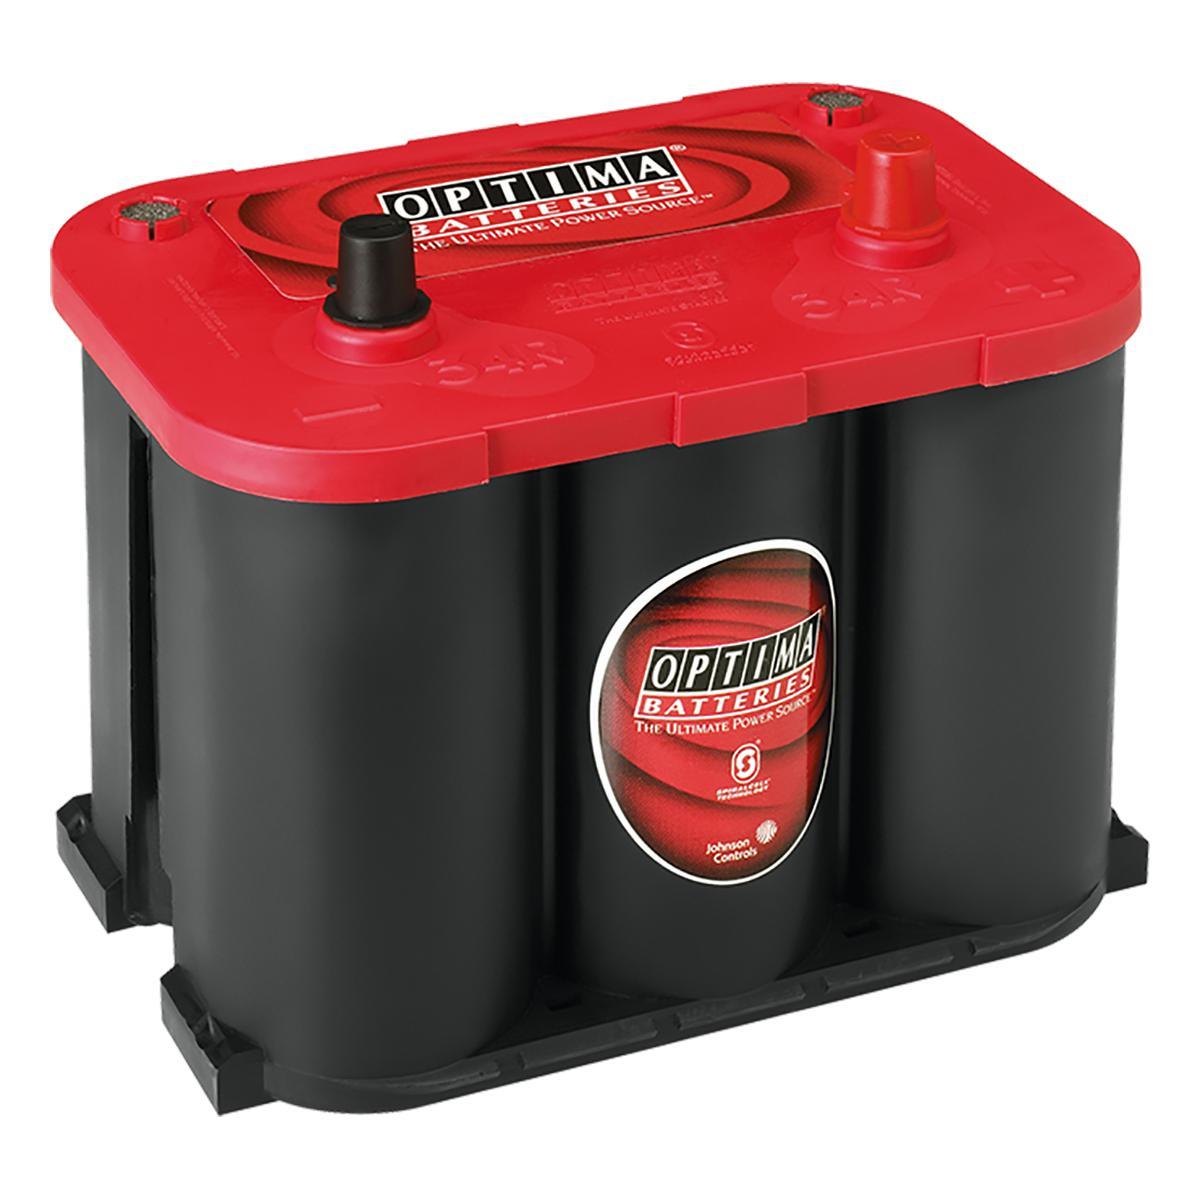 rtr4 2 optima 8003 251 12v 50ah redtop battery. Black Bedroom Furniture Sets. Home Design Ideas